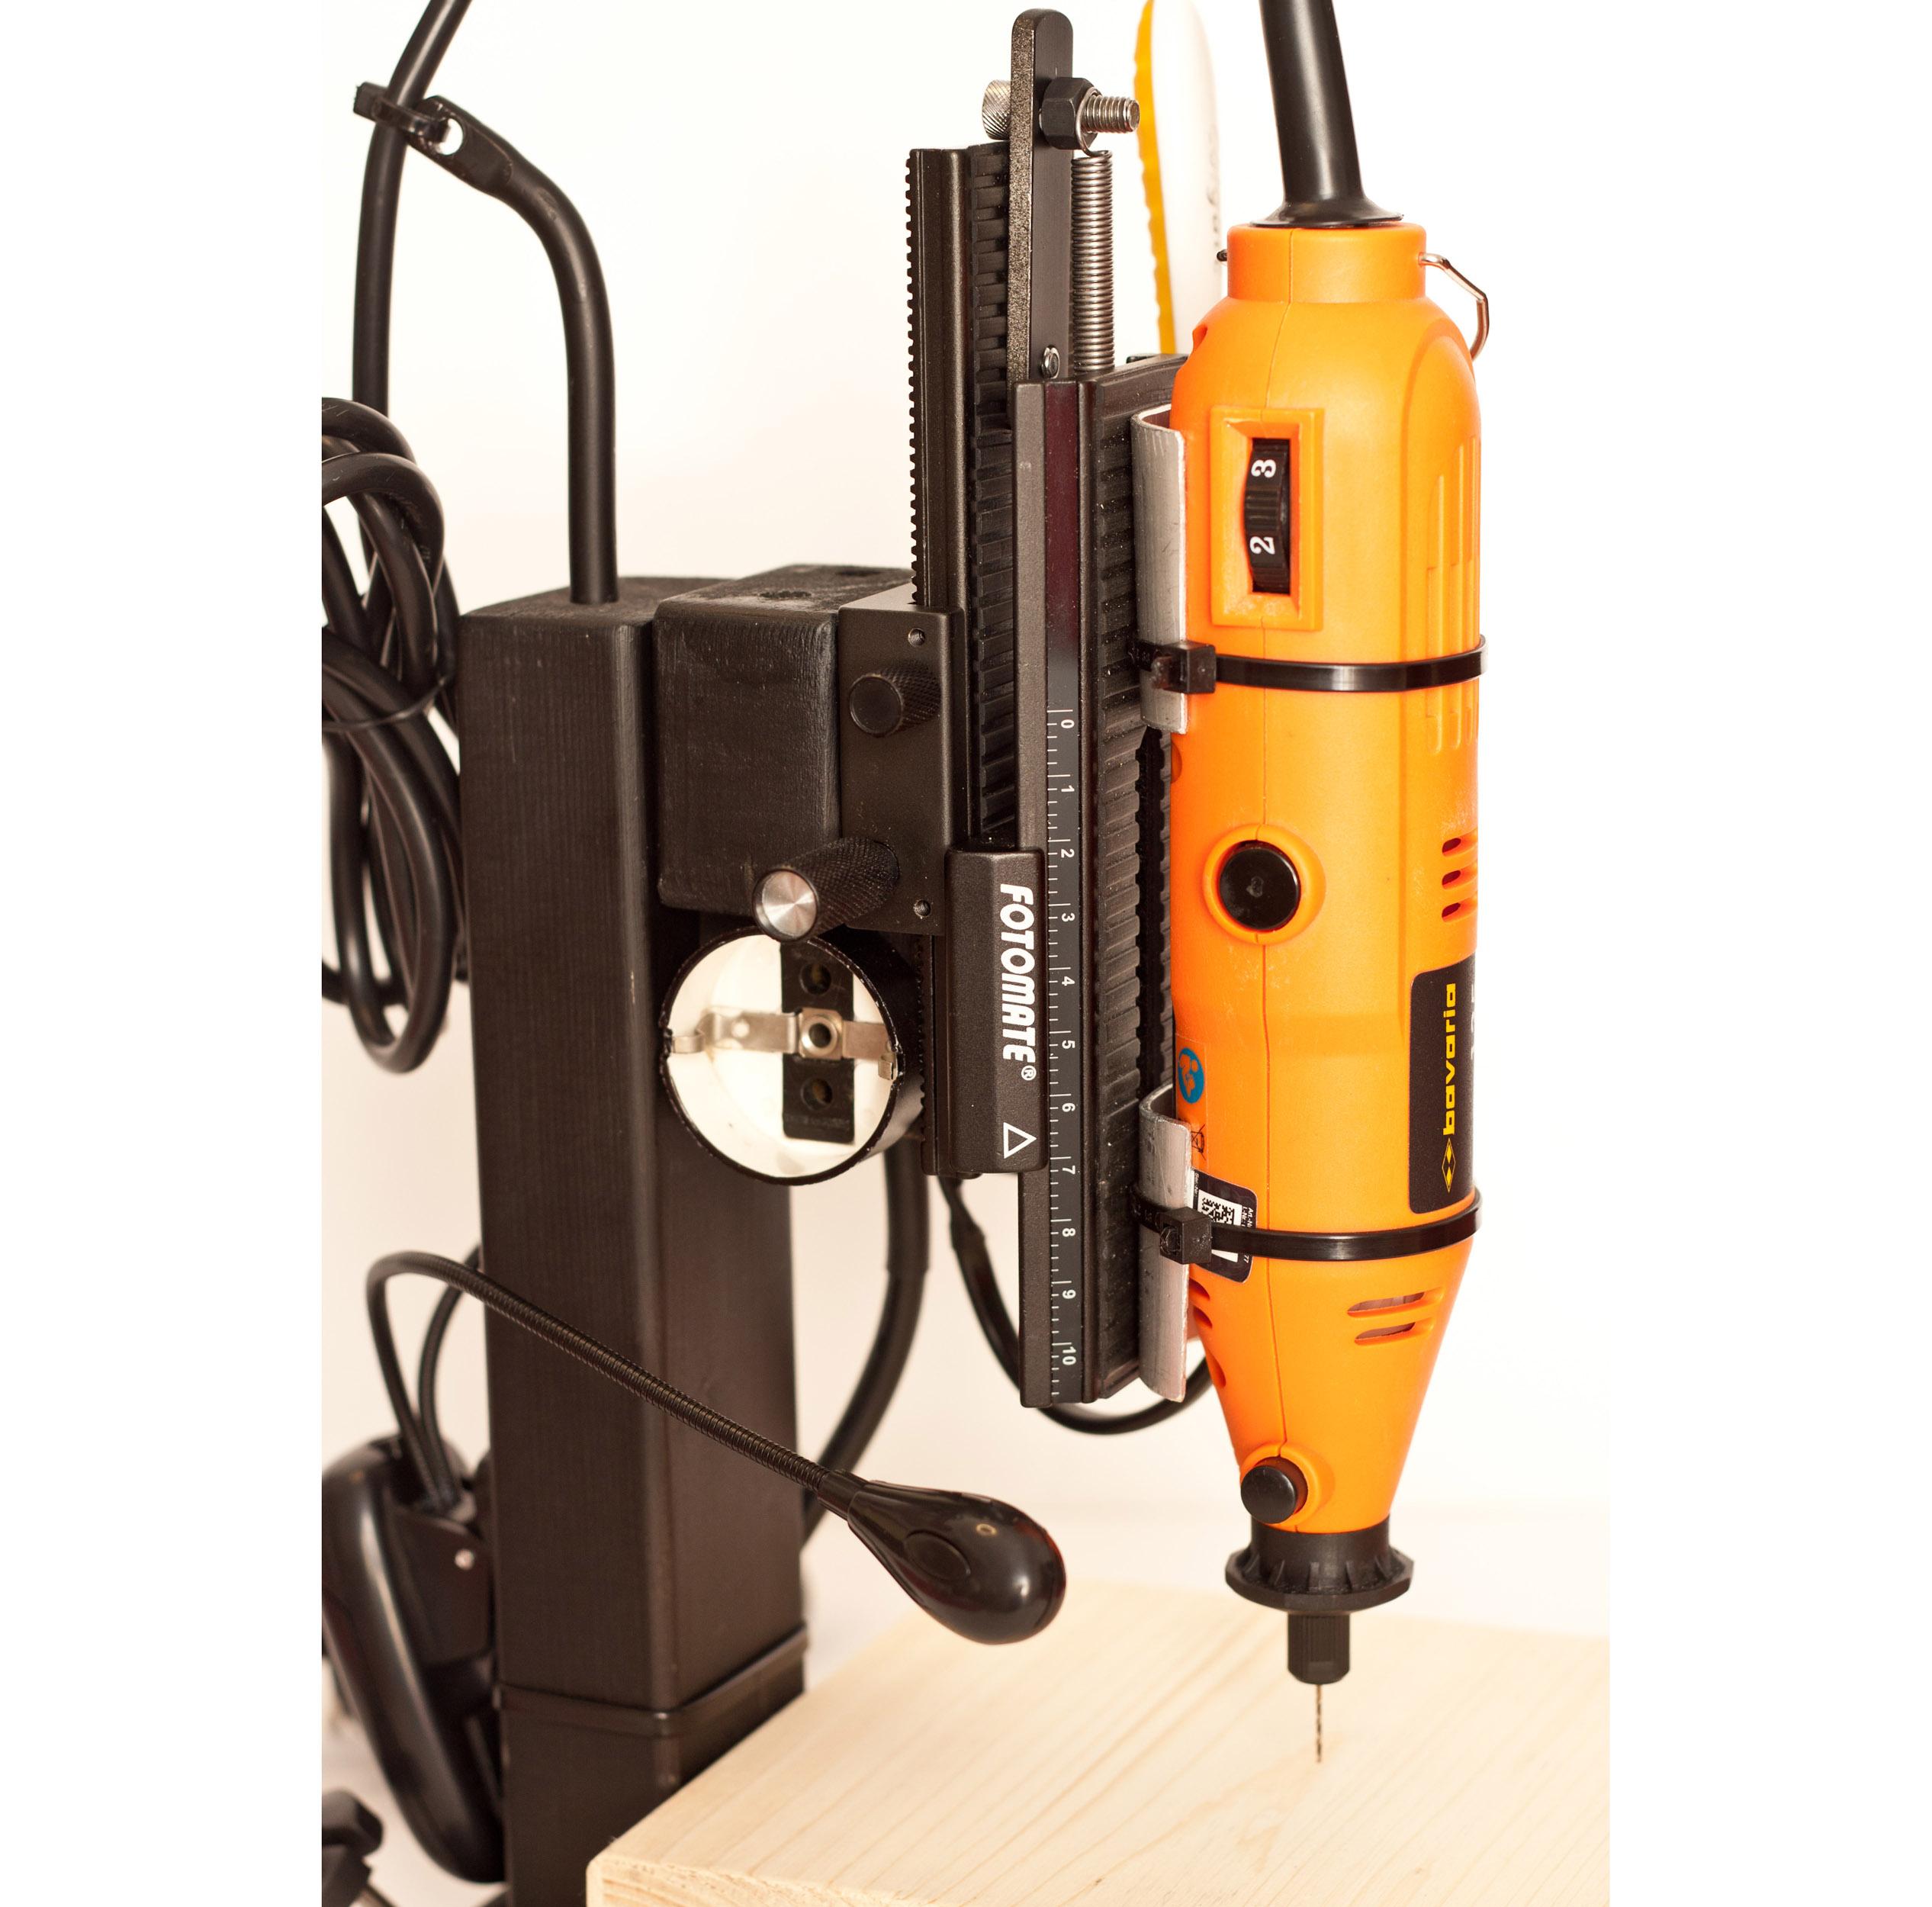 DIY column drill UPGRADES!